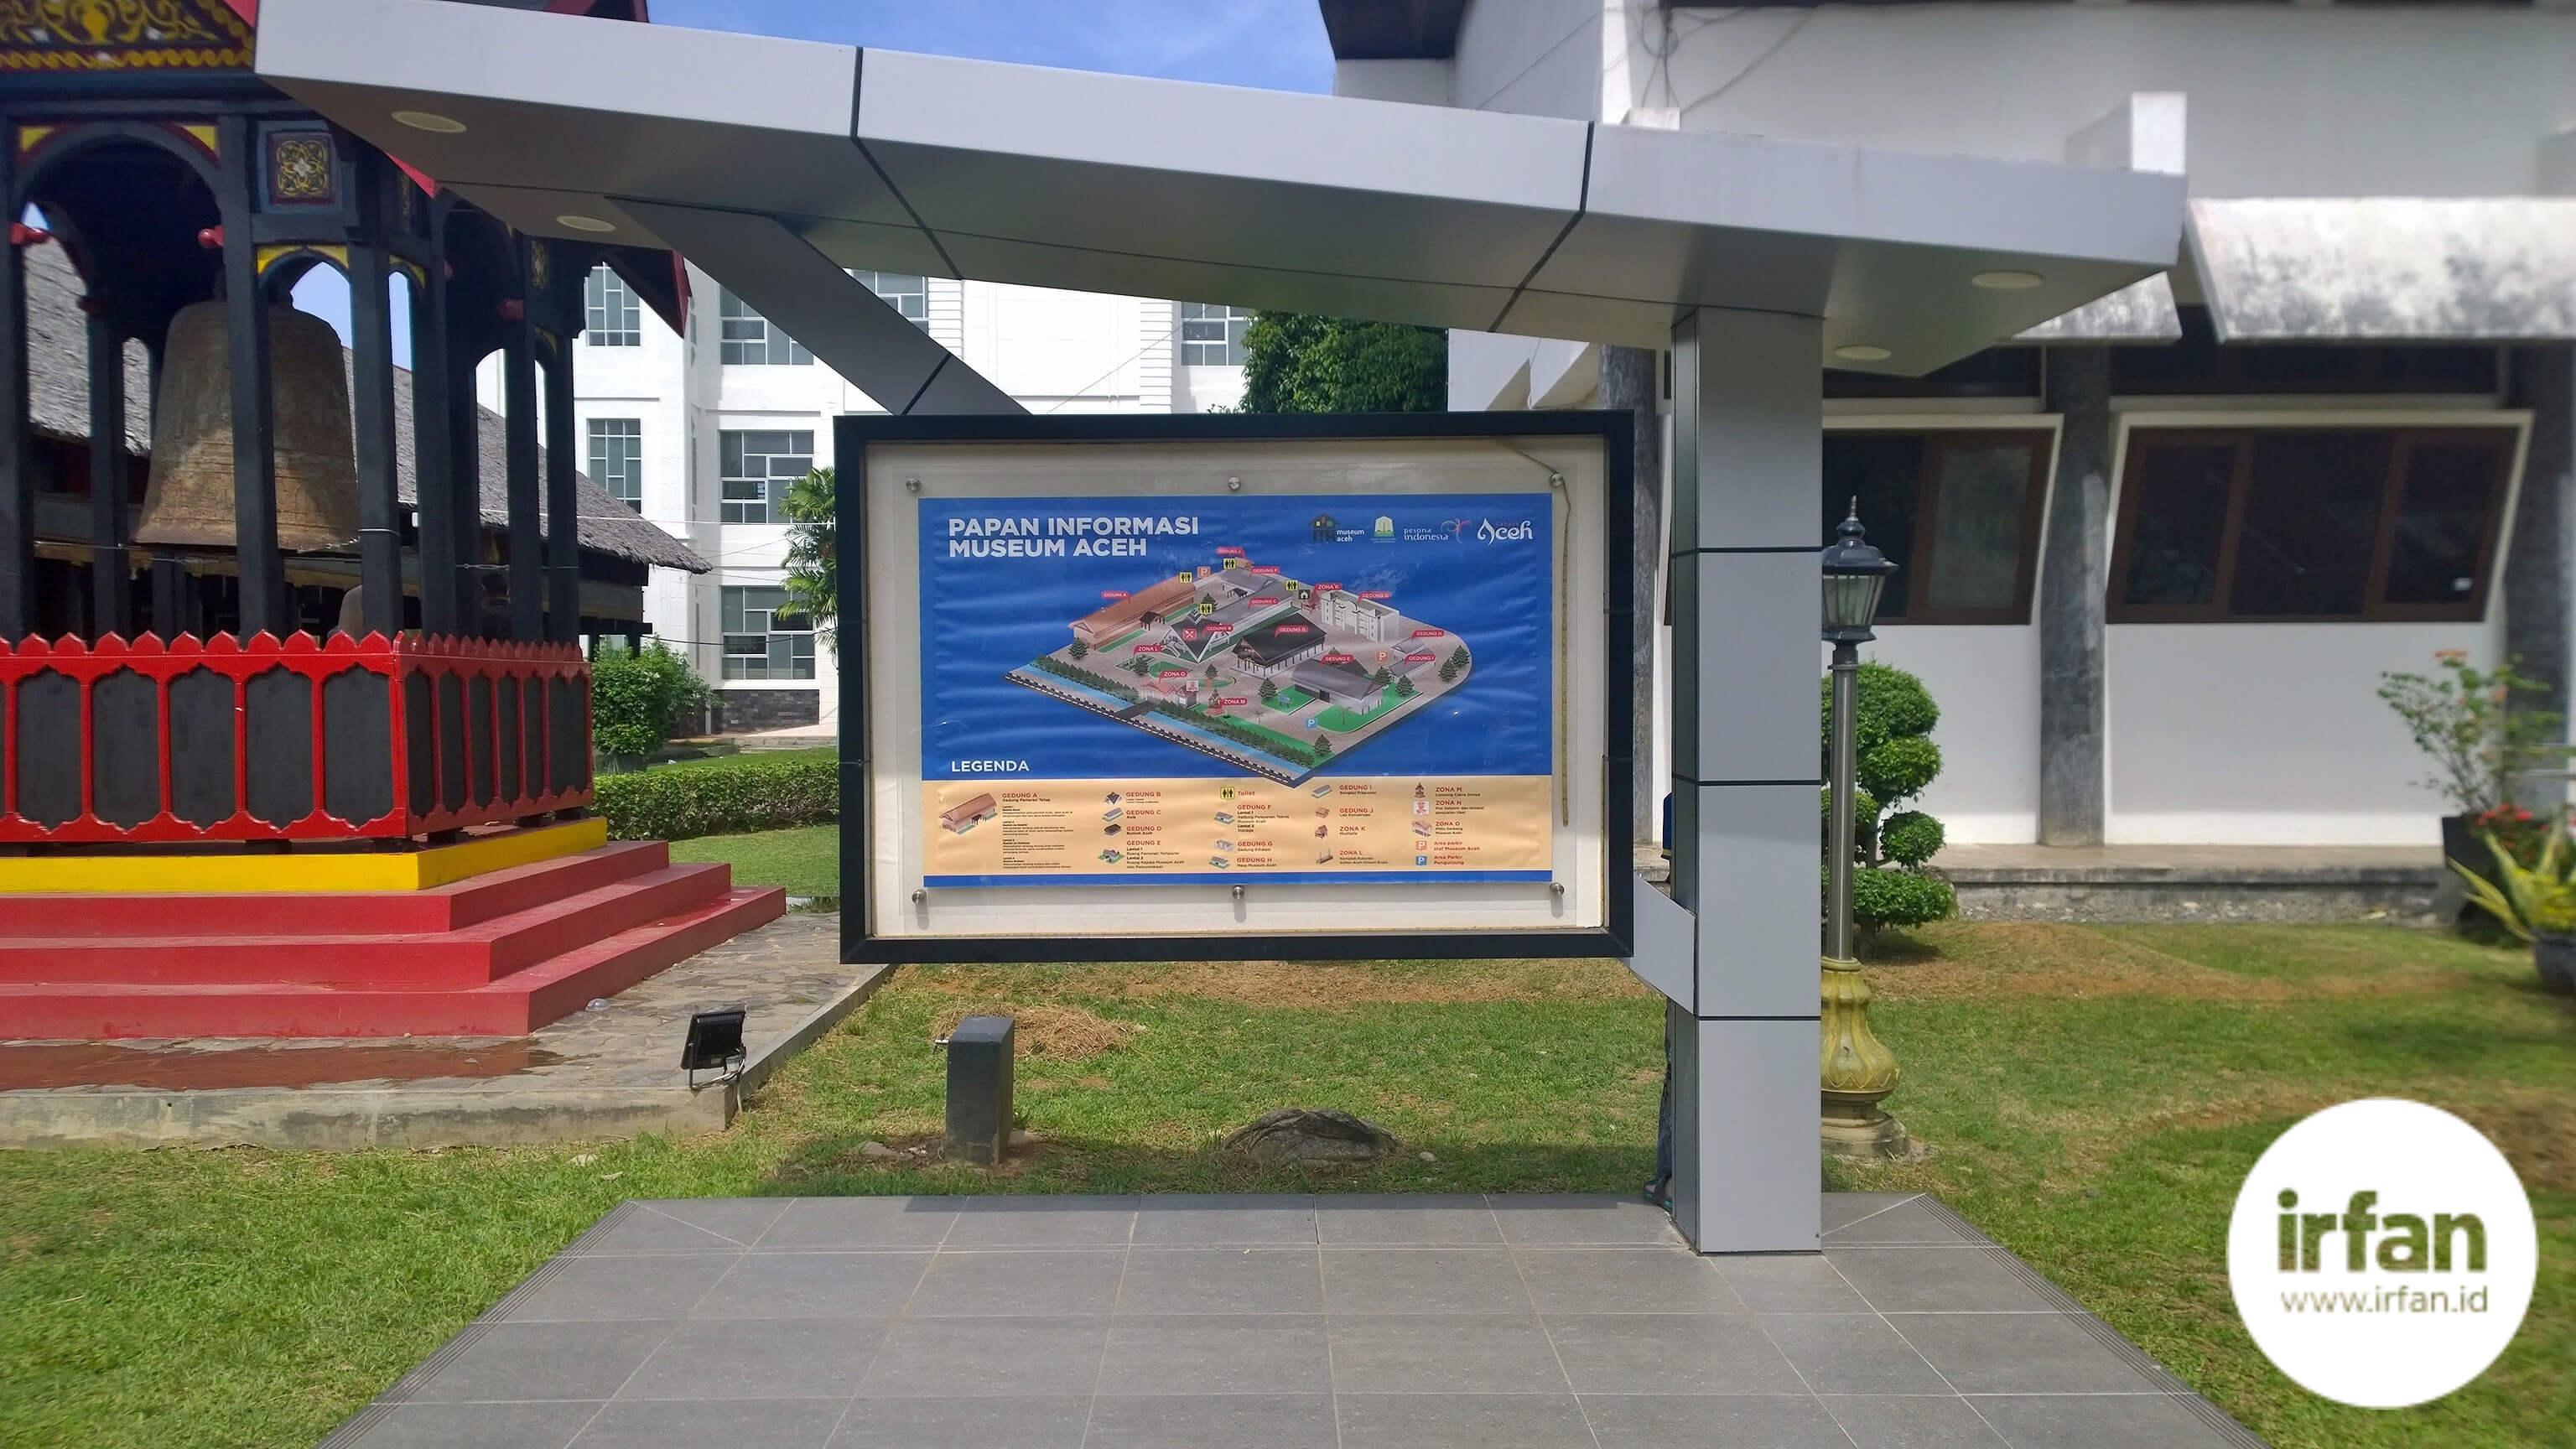 FOTO: Museum Negeri Aceh, Wisata Sejarah Yang Wajib Dikunjungi 1